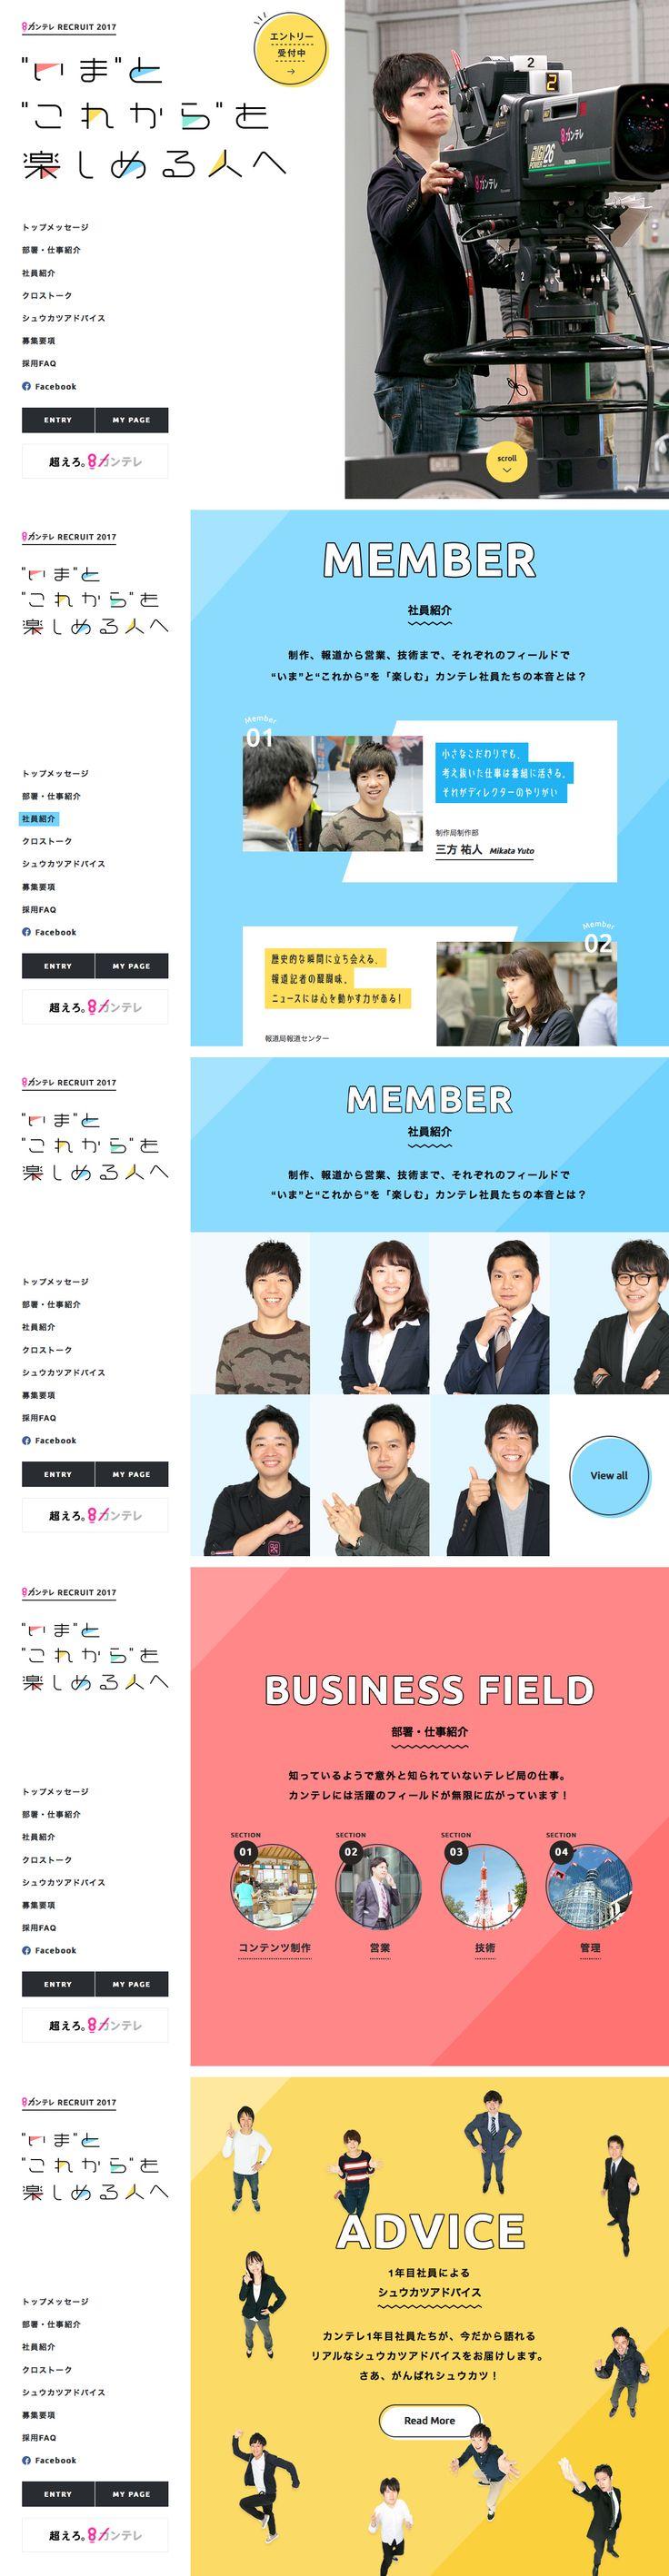 関西テレビ RECRUIT 2017 - 関テレの採用サイト。ポップな色づかいと、動きもあってクリエイティブな感じがステキ♡|webdesign…